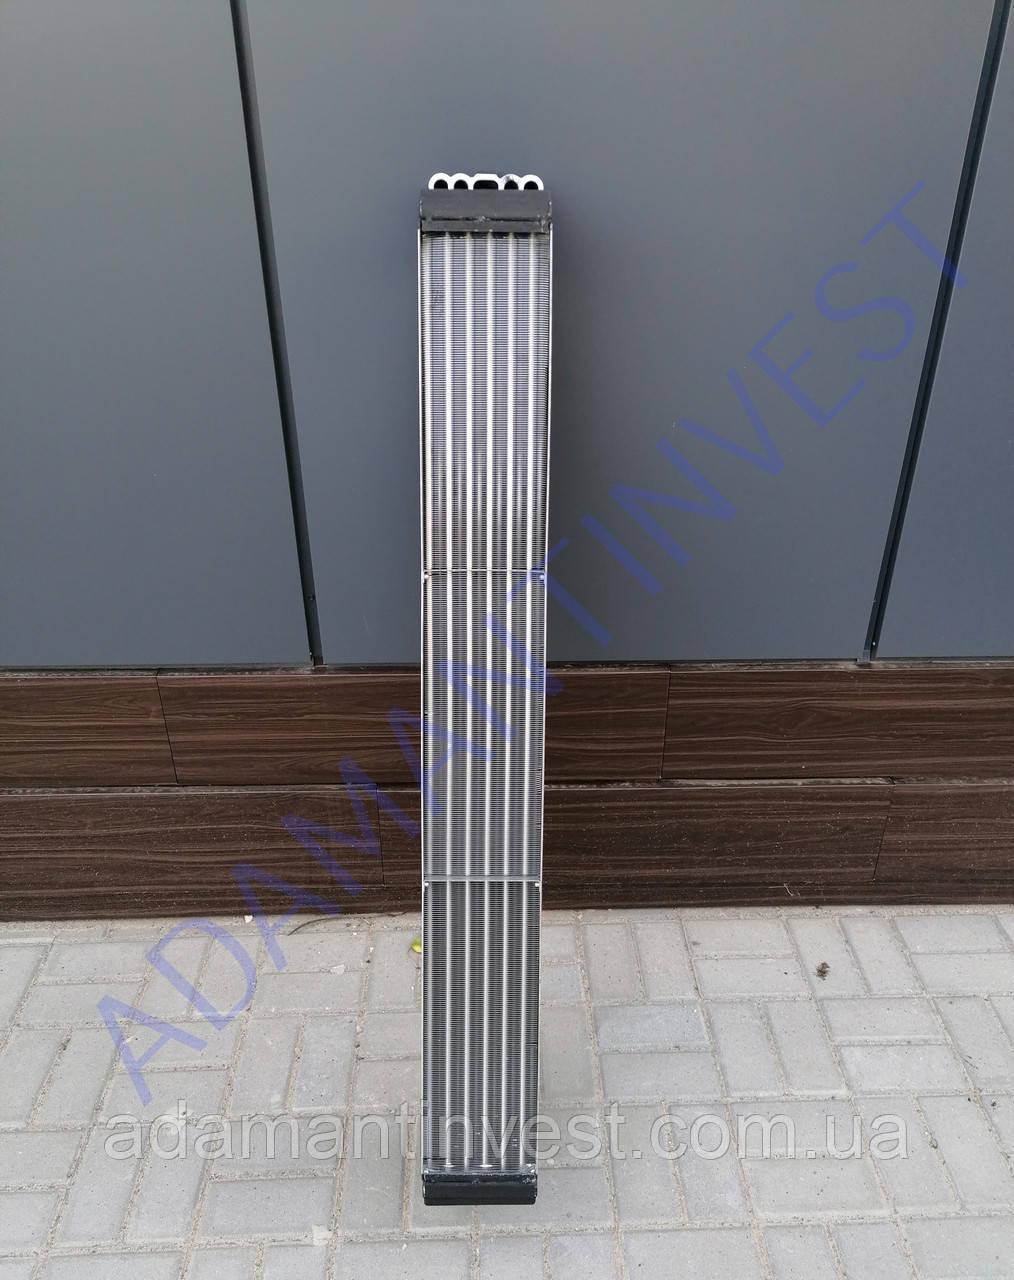 Секция водяная радиаторная Р62.131.000 ТЭМ 2